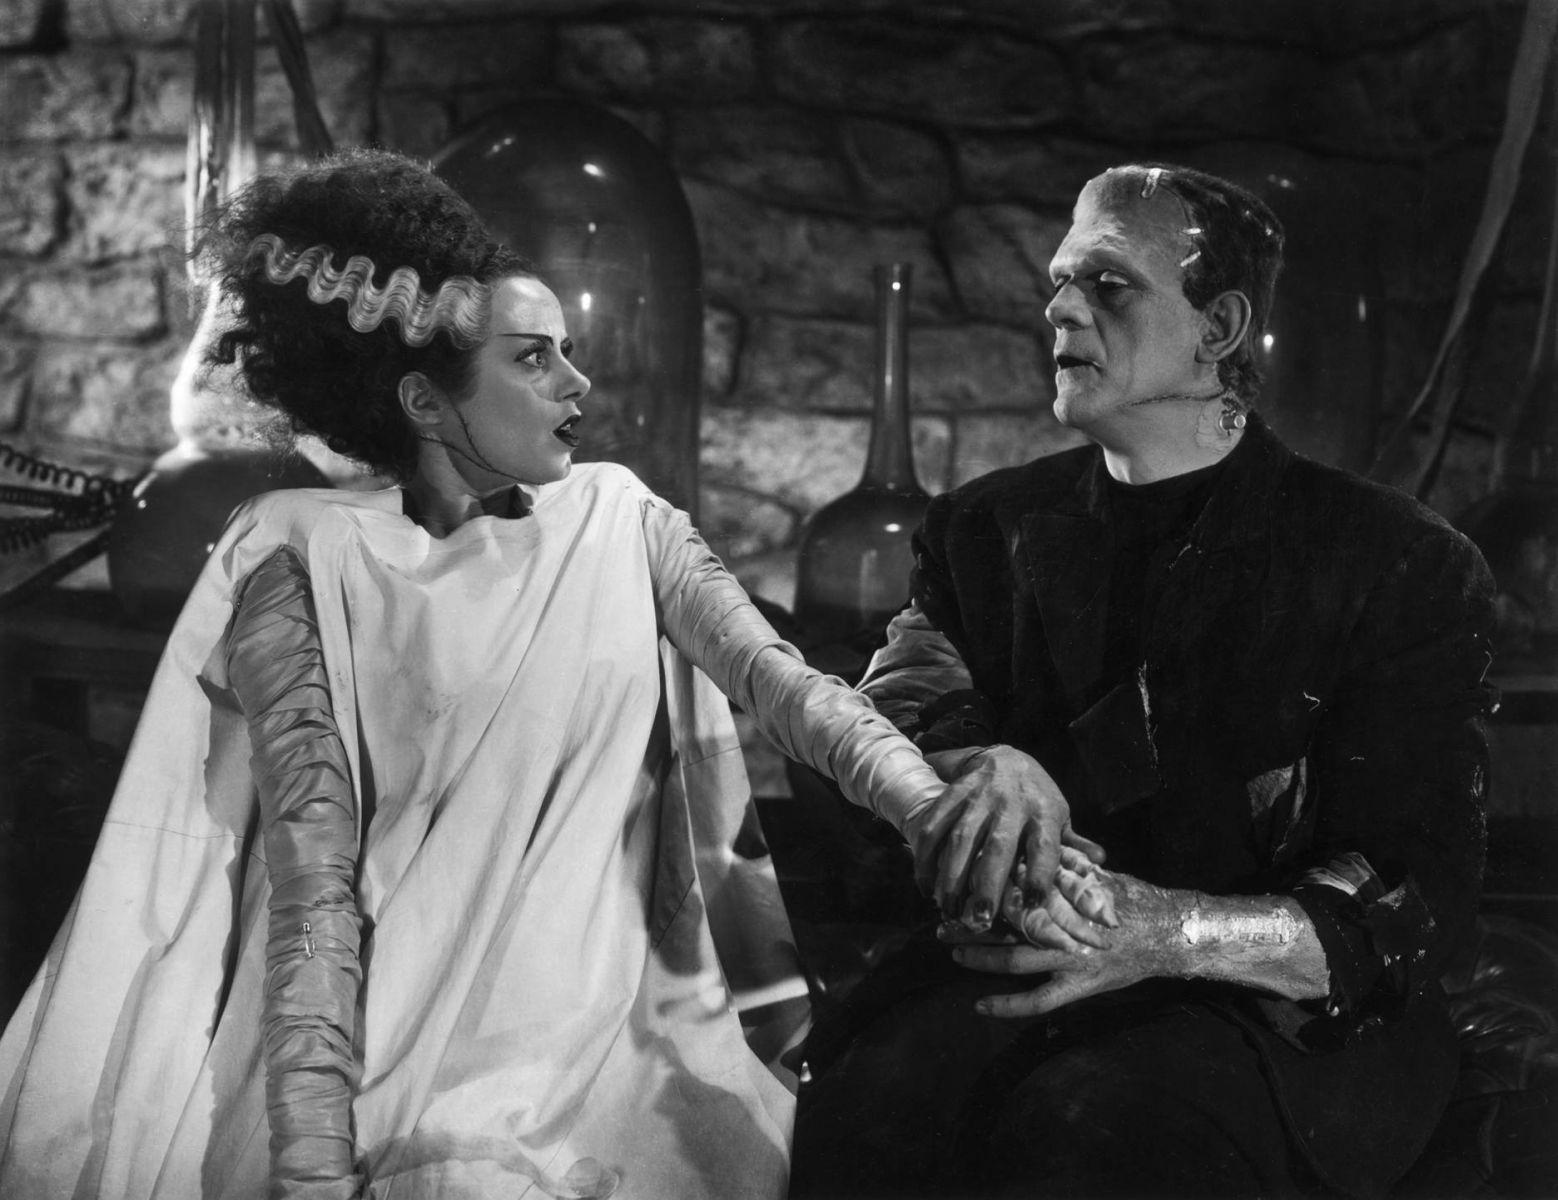 Очеловечивание монстра, начавшееся во «Франкенштейне», было продолжено в сиквеле ленты 1931 года, та